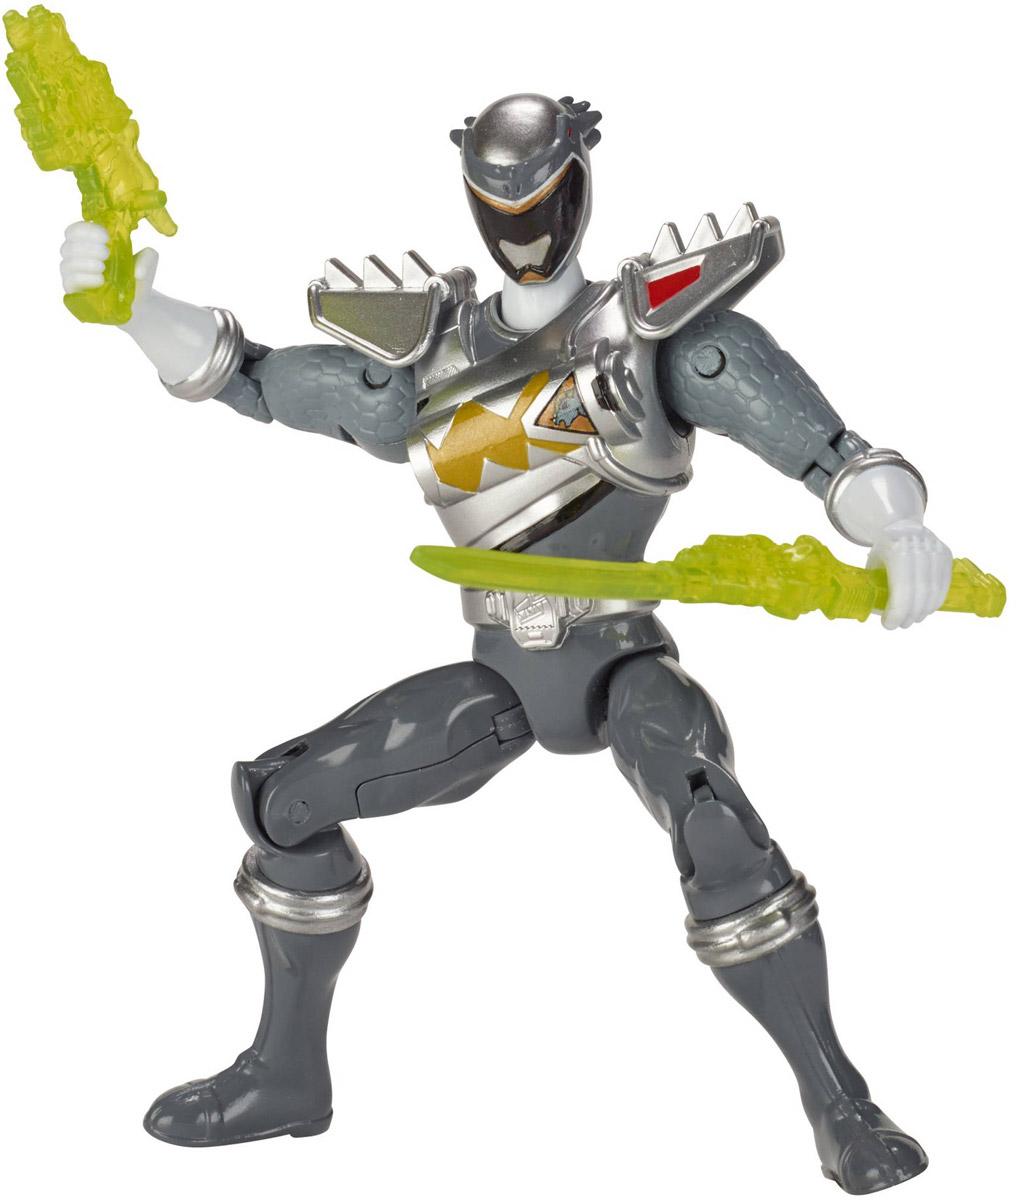 Power Rangers Фигурка Dino Drive Graphite Ranger43200_43234_серыйФигурка Power Rangers Dino Drive Graphite Ranger станет прекрасным подарком для вашего ребенка. Она выполнена из прочного пластика ярких цветов в виде крутого рейнджера с оружием (в комплекте). Руки, ноги и голова фигурки подвижны. Могучие рейнджеры - американский телесериал в жанре токусацу, созданный компанией Saban в 1993 году на основе японского сериала Super Sentai Show. С 2003 года производился компанией Disney. Ваш ребенок будет часами играть с этой фигуркой, придумывая различные истории с участием любимого героя.